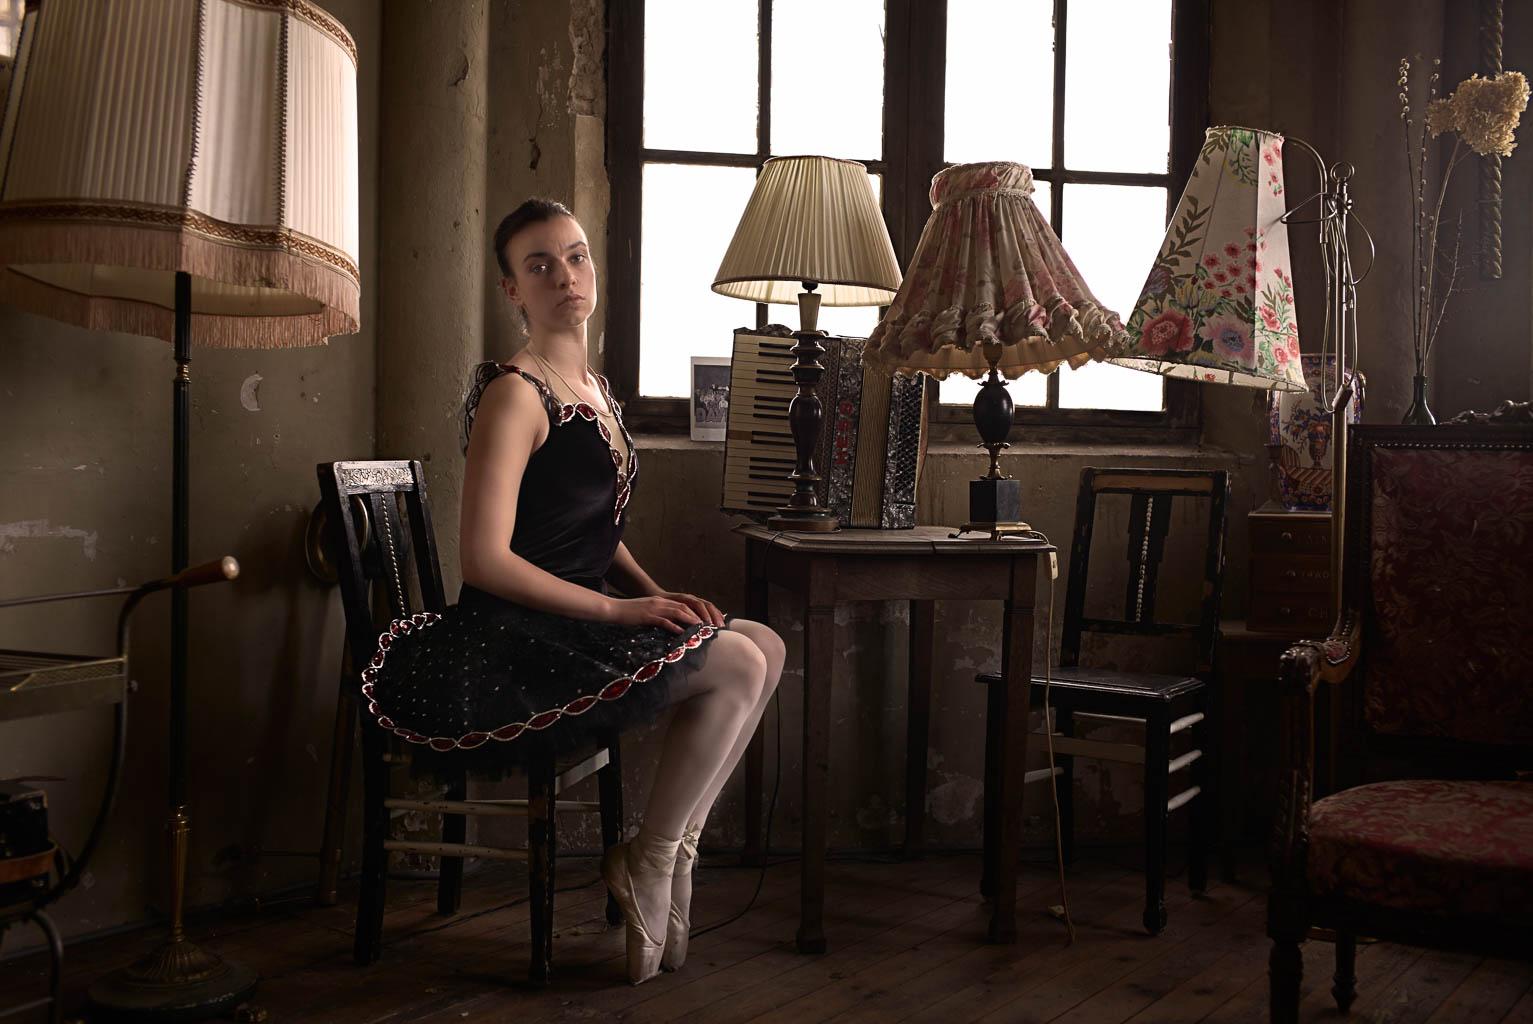 Ballerina ballet photography Leica M